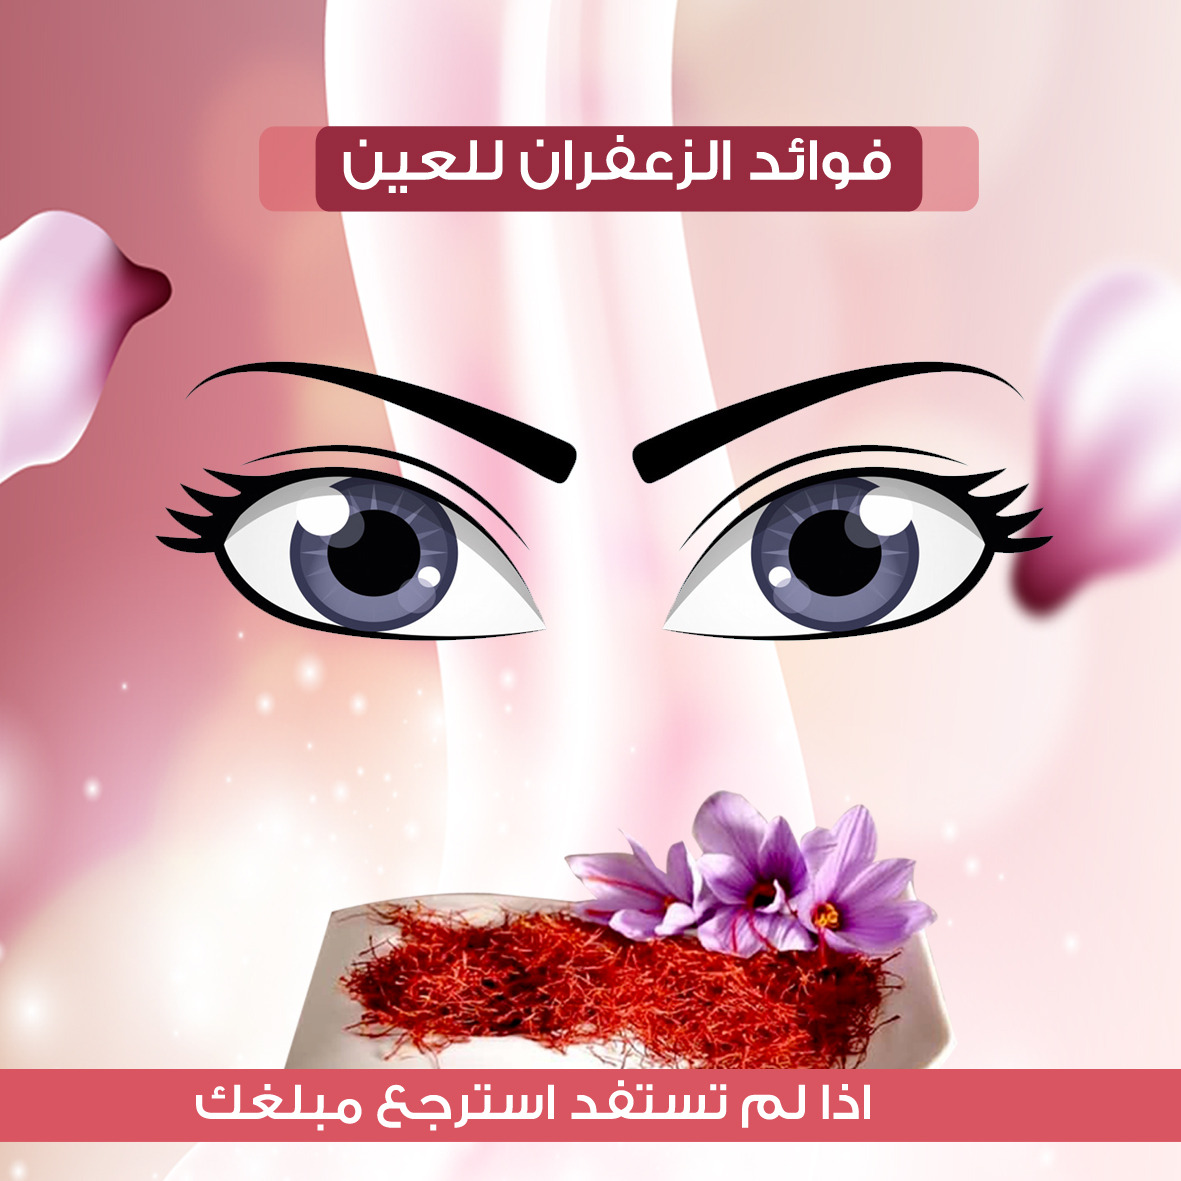 فوائد الزعفران للعين